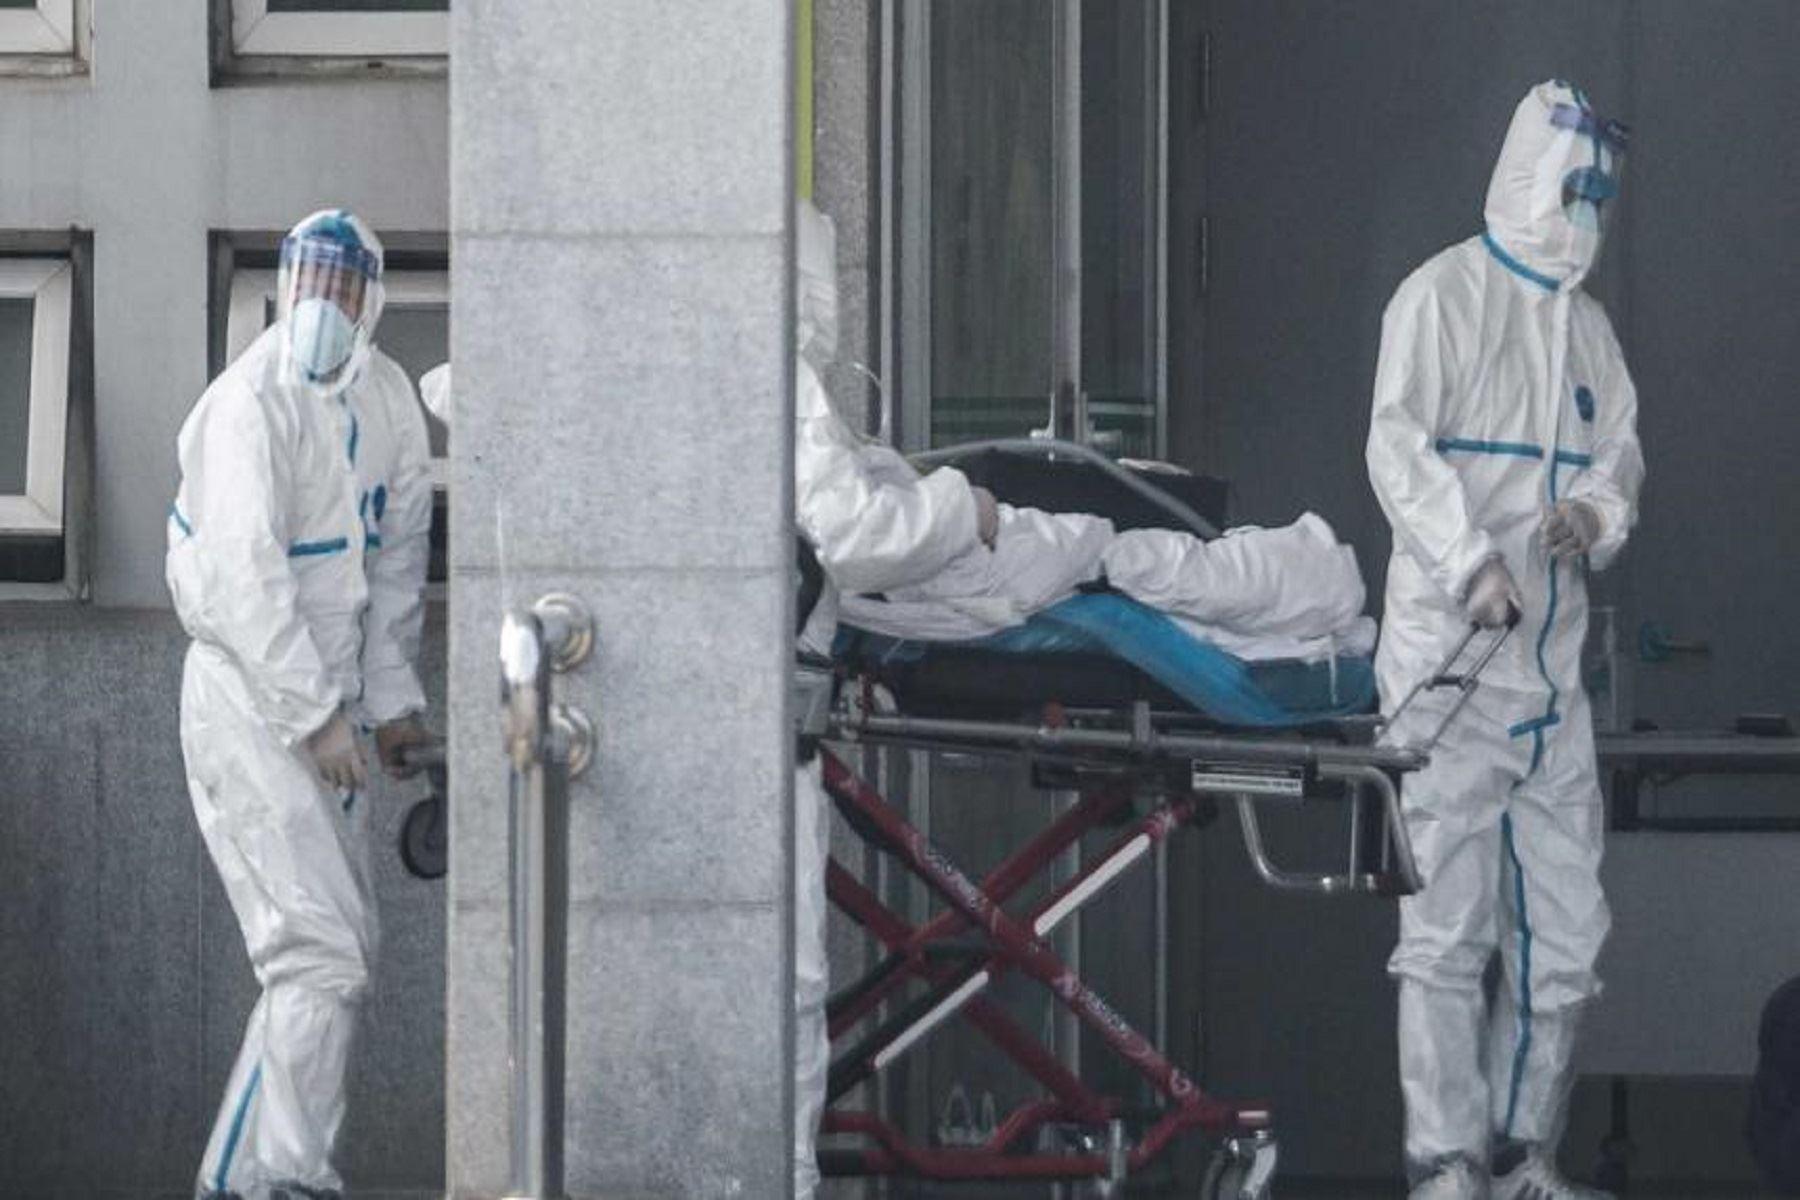 Alarma internacional por brote de coronavirus que ha dejado hasta el momento 17 muertos. Foto: AFP